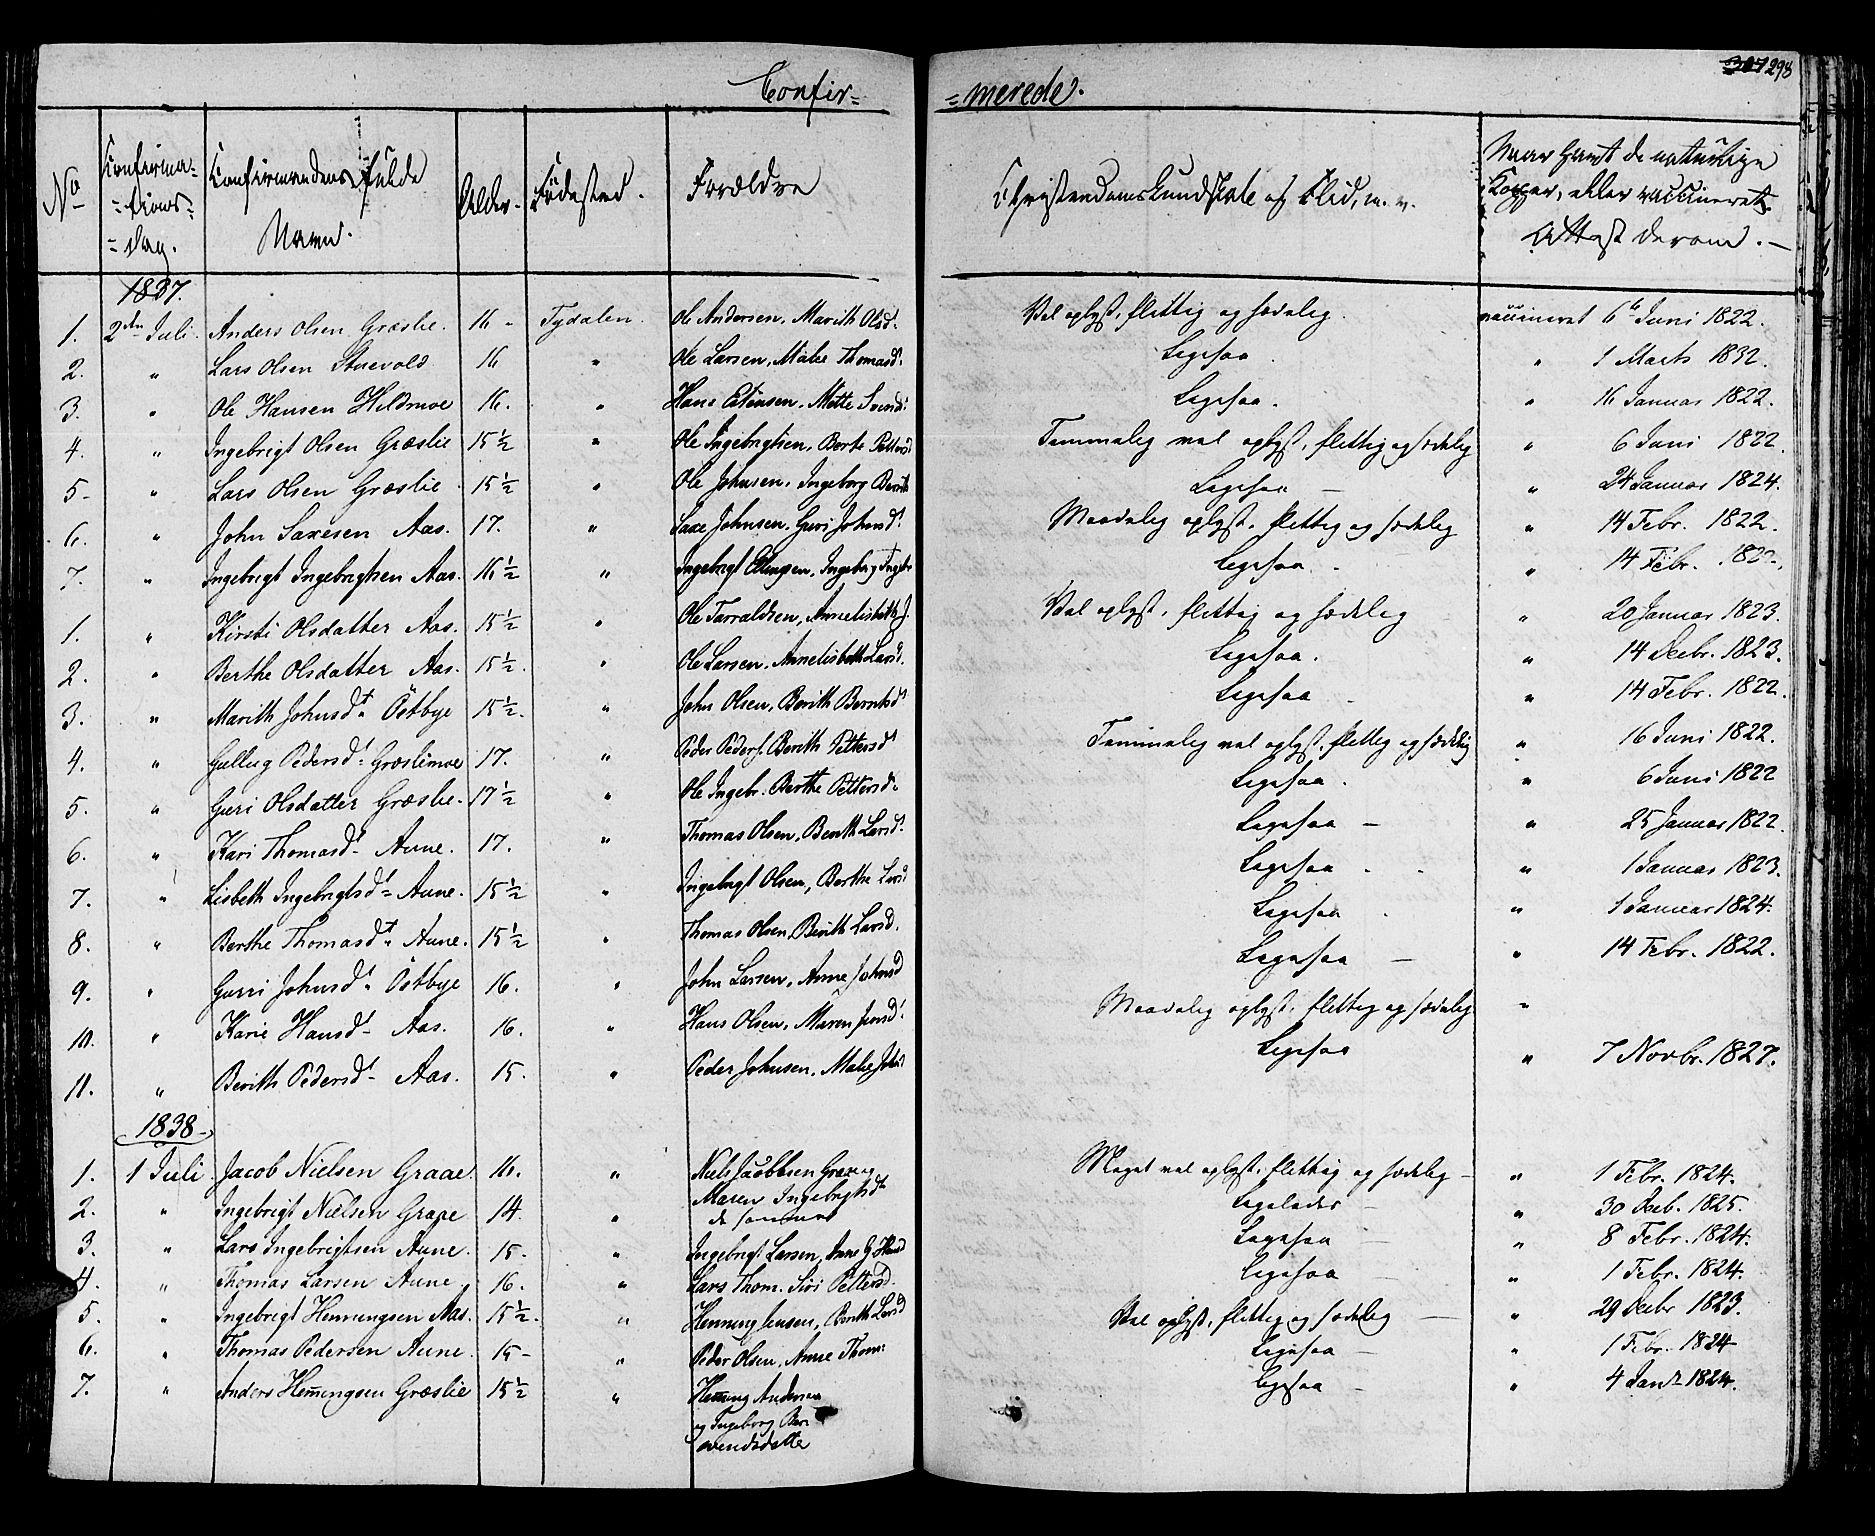 SAT, Ministerialprotokoller, klokkerbøker og fødselsregistre - Sør-Trøndelag, 695/L1144: Ministerialbok nr. 695A05 /2, 1824-1842, s. 298